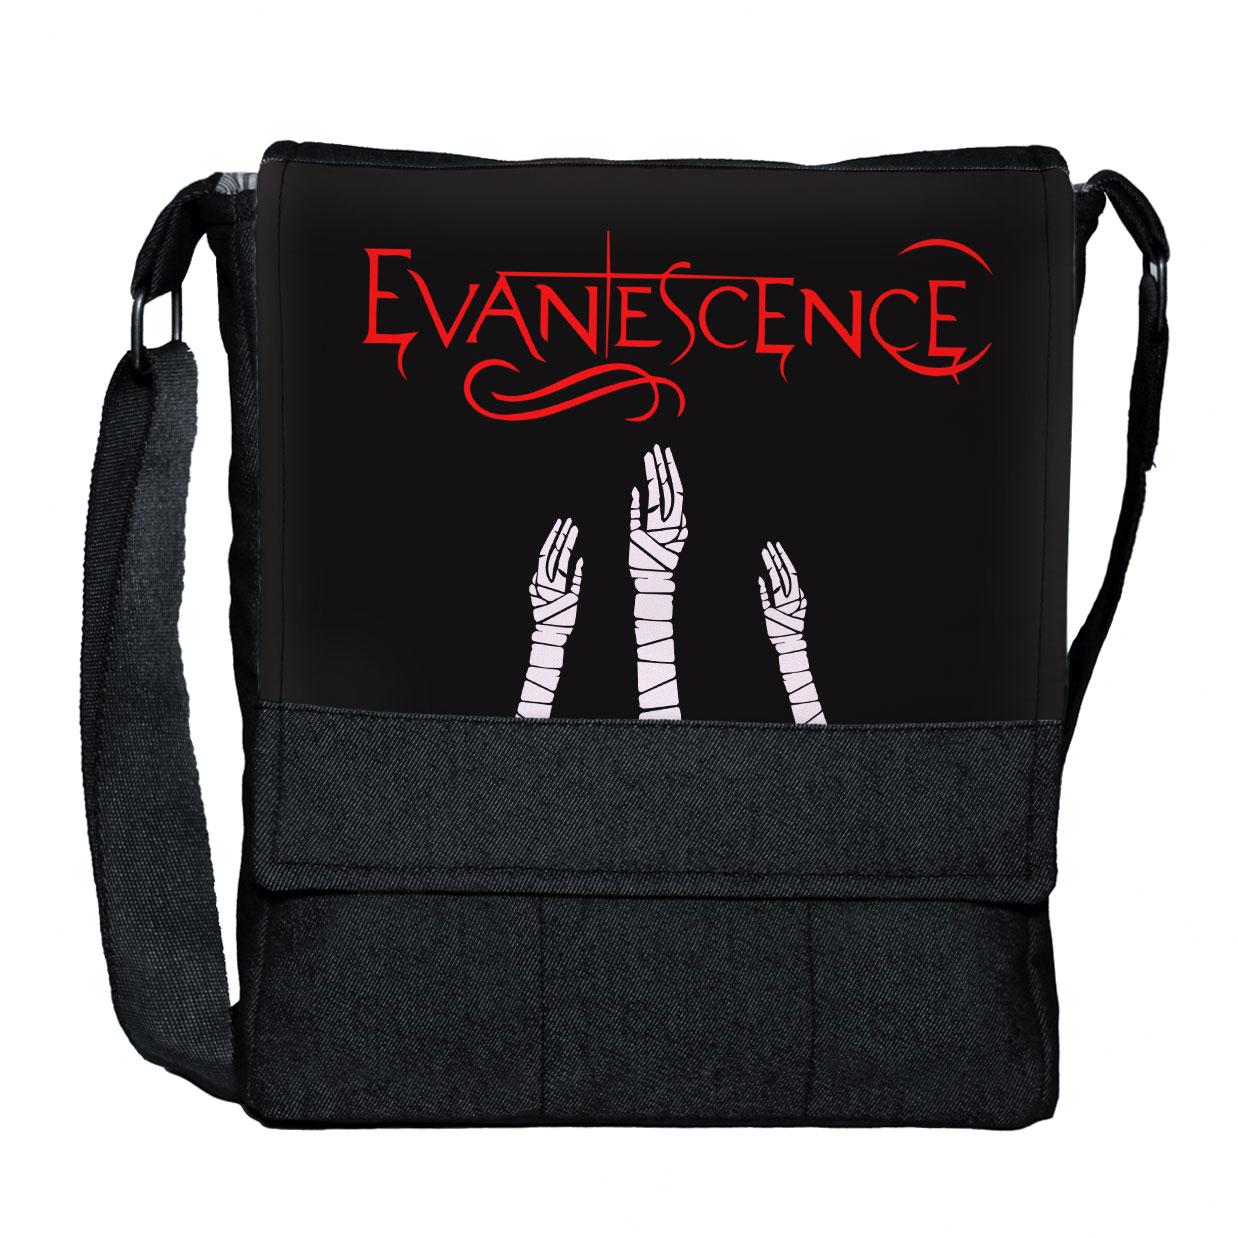 کیف دوشی گالری چی چاپ طرح evanescence کد 65838